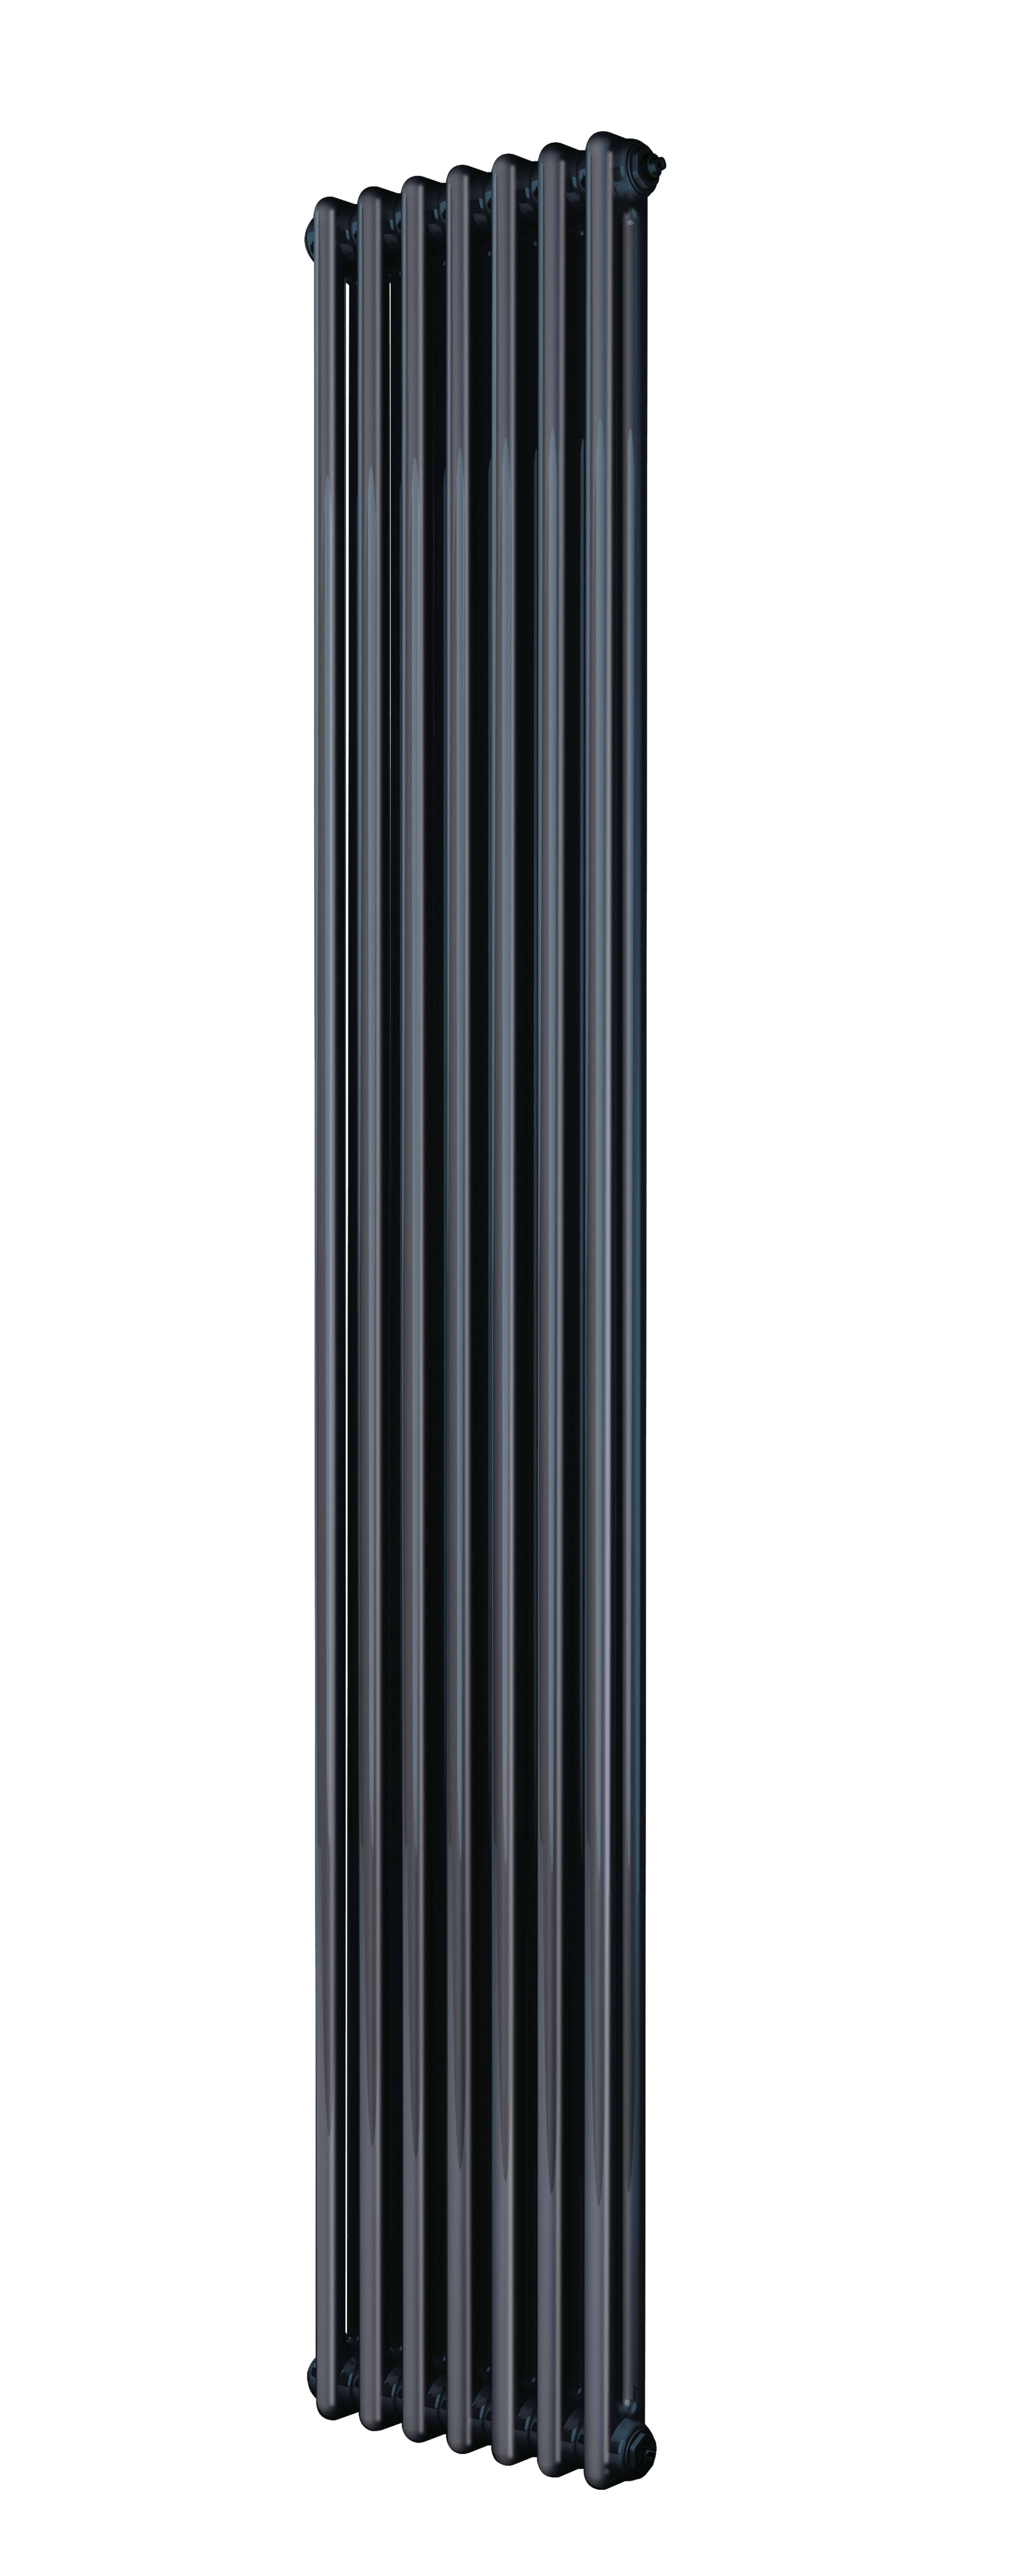 softline column concept cut out